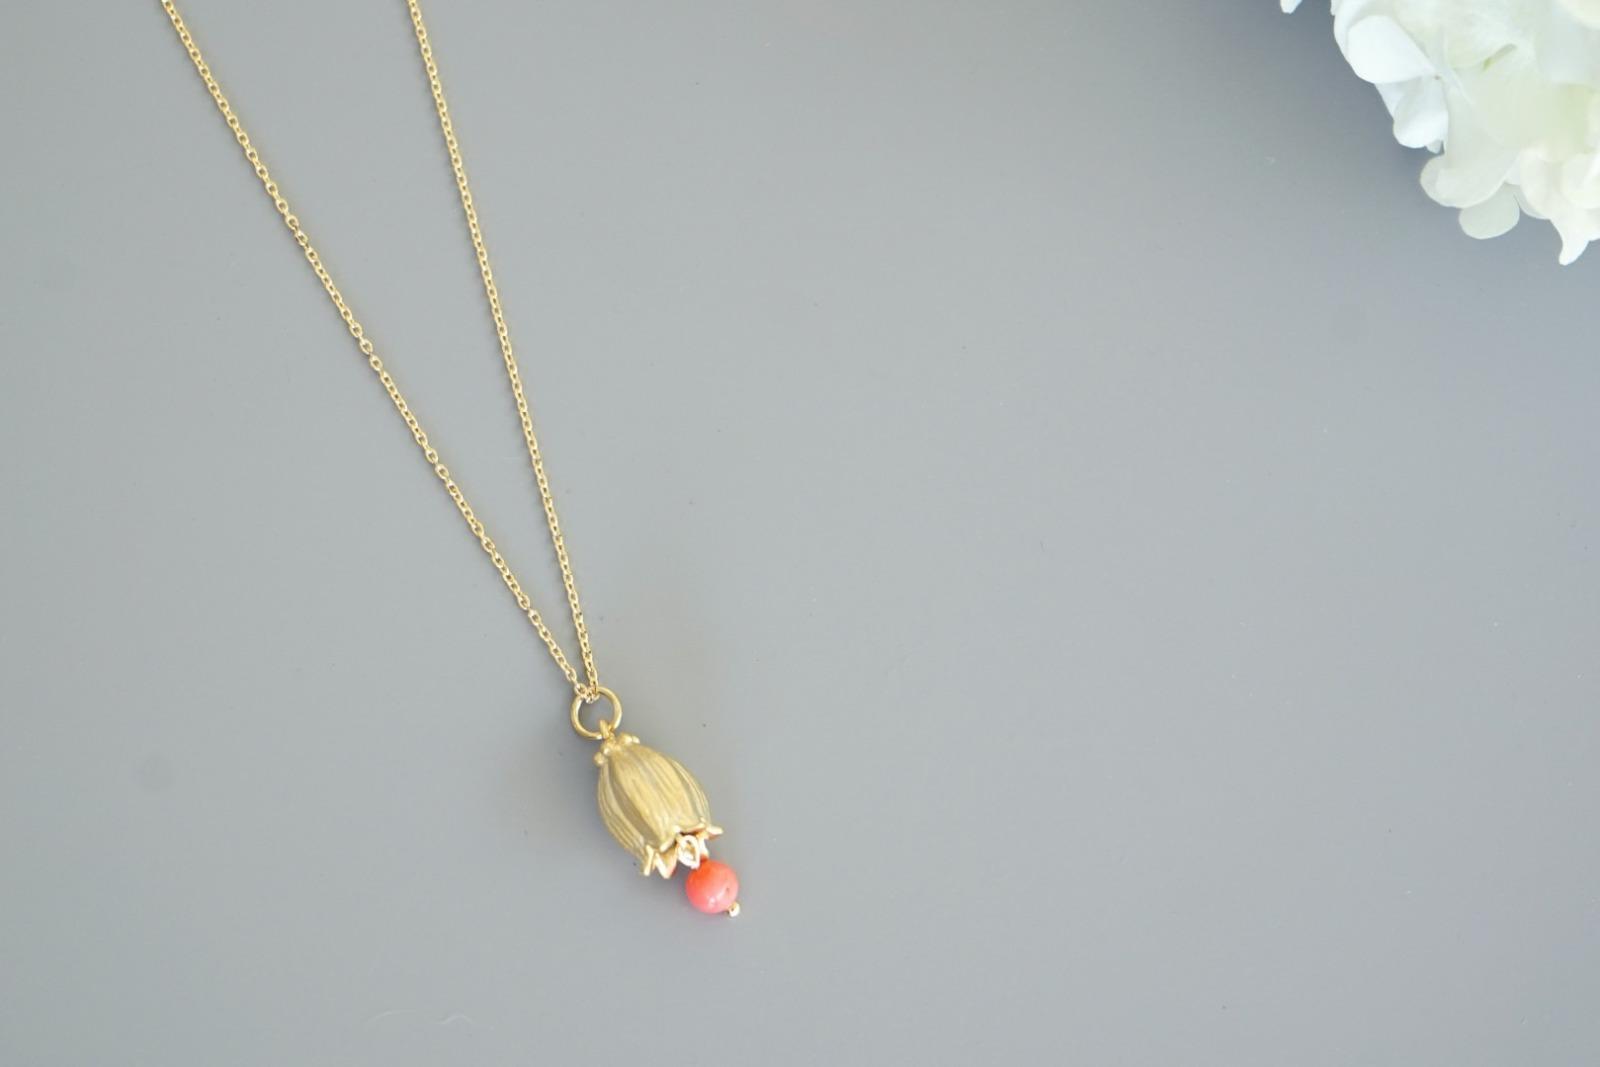 Kette vergoldet mit Glockenblume und rosa Koralle - 1